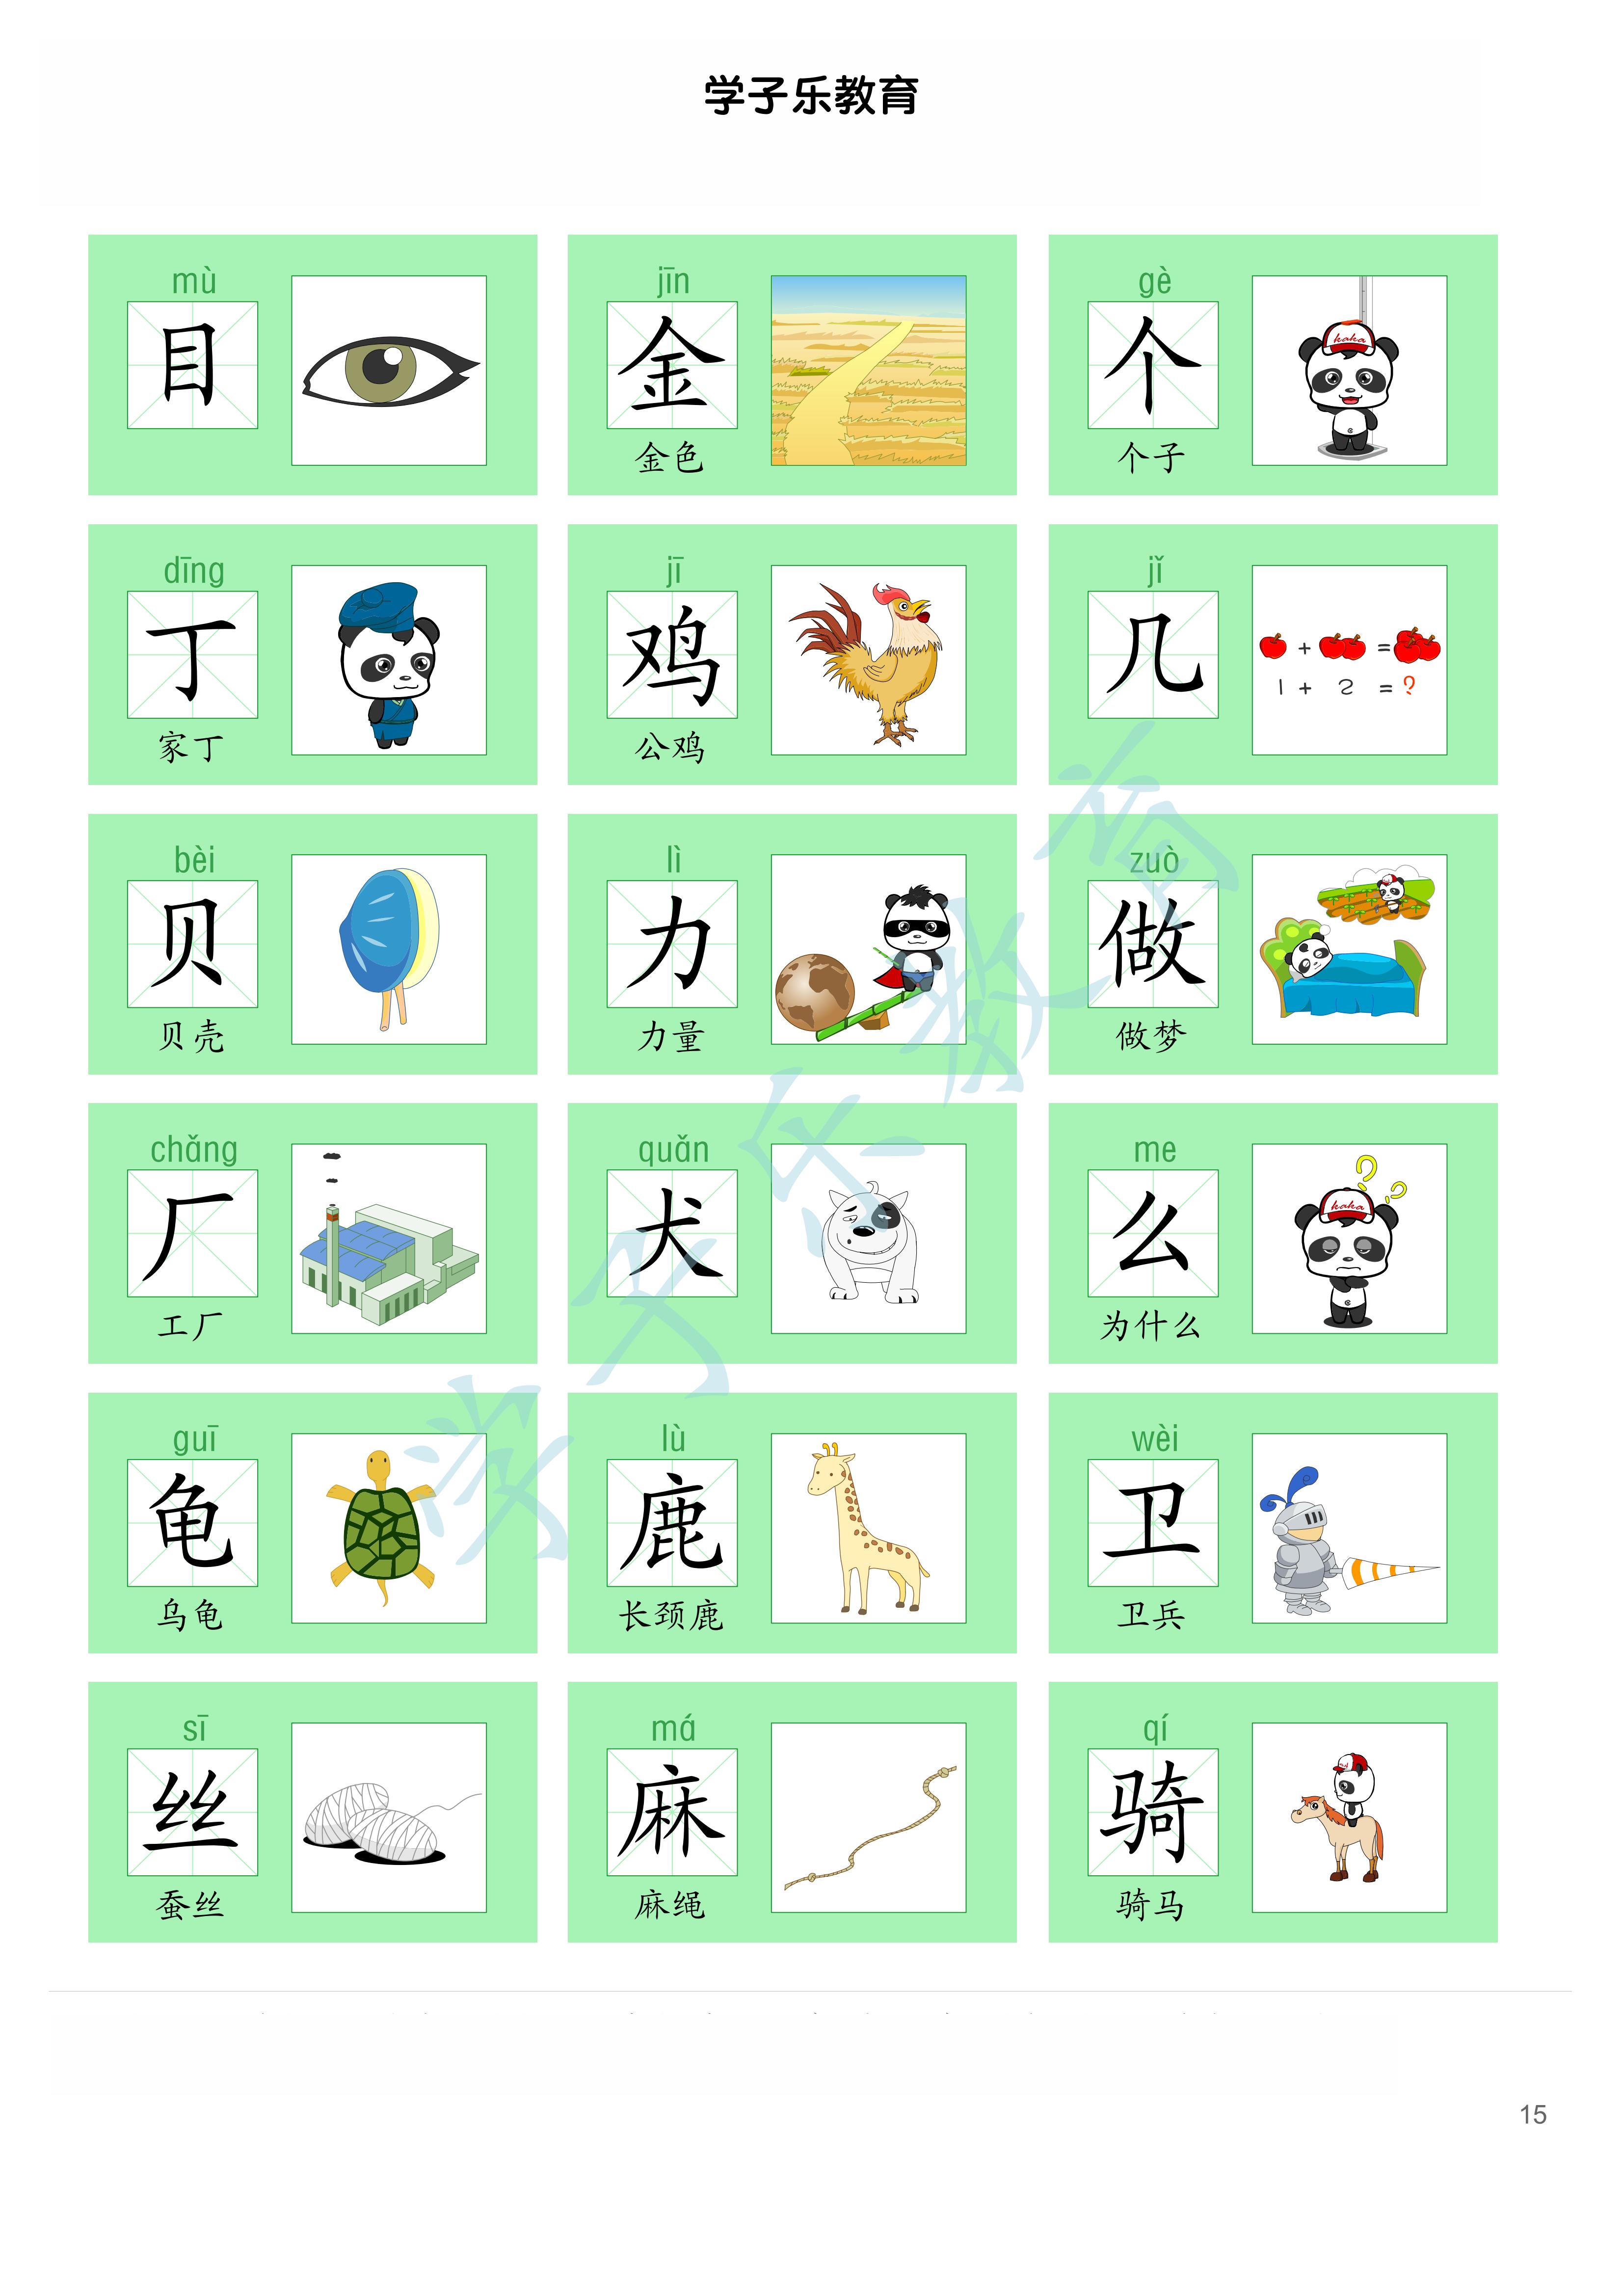 图文识字免费的软件(图文识字怎么用)插图14